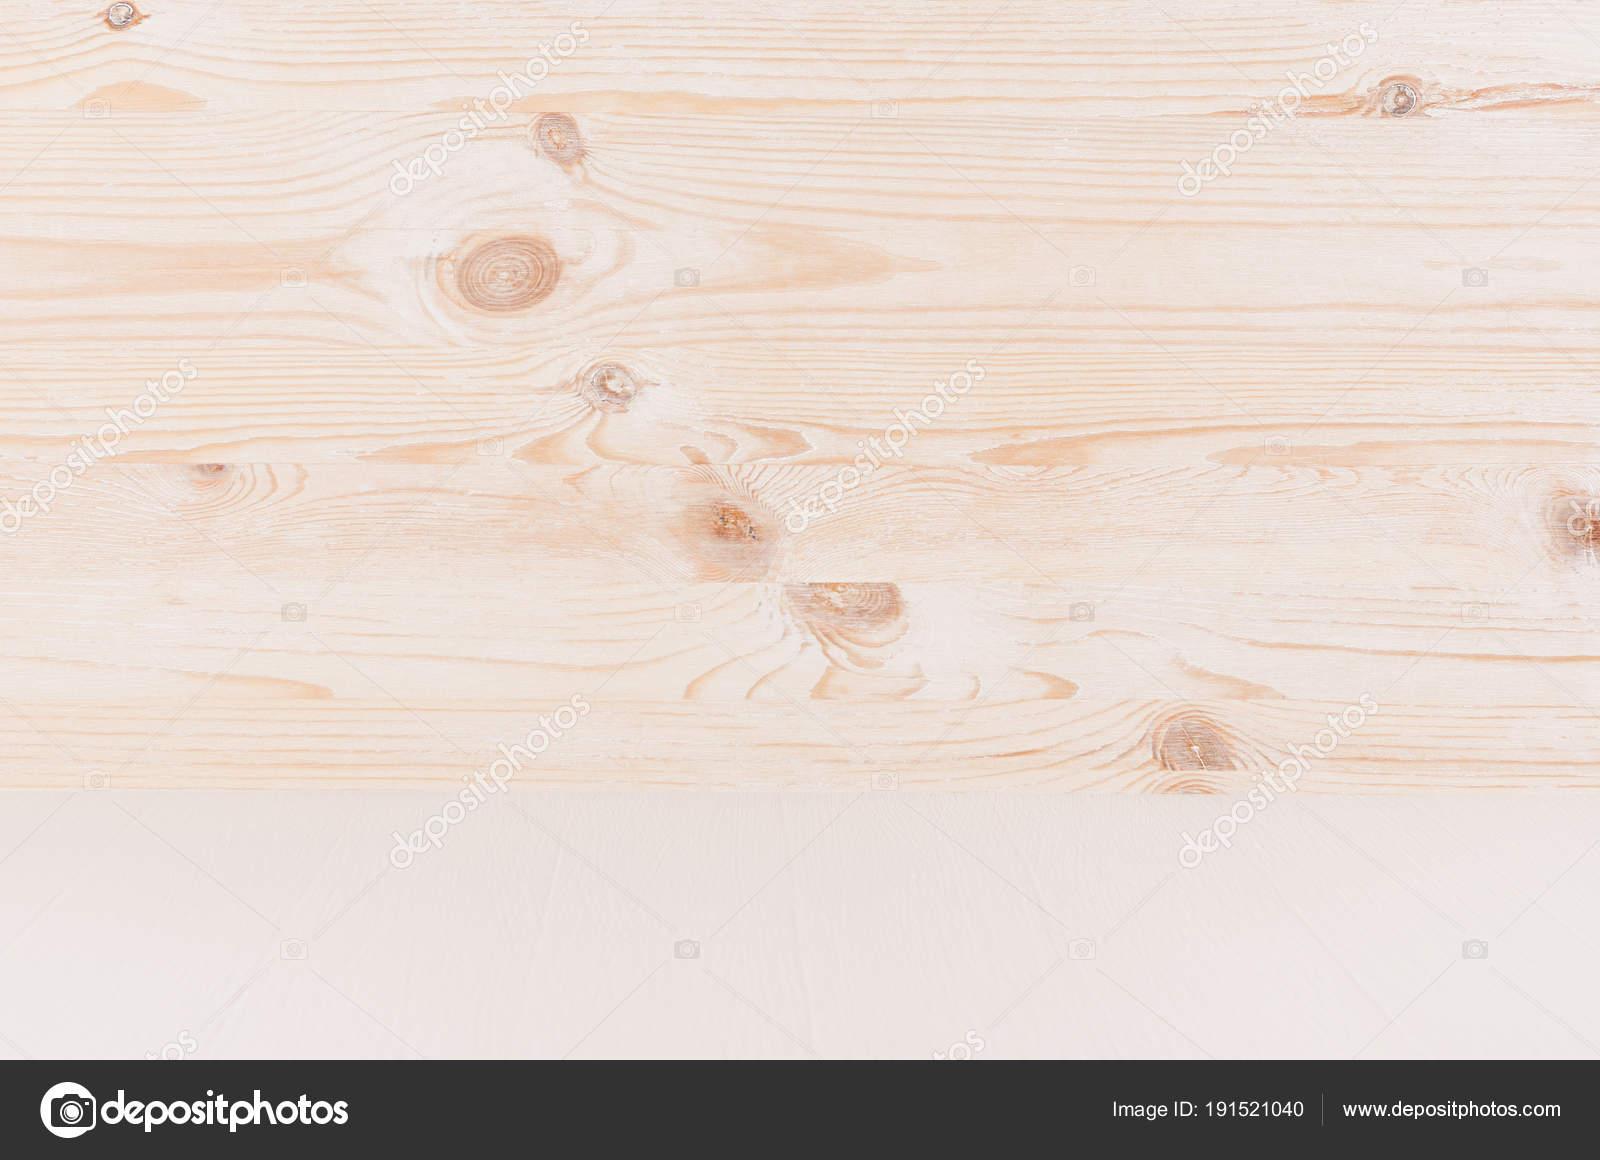 Legno Naturale Bianco : Beige bianco nuovo sfondo legno naturale con prospettiva parete